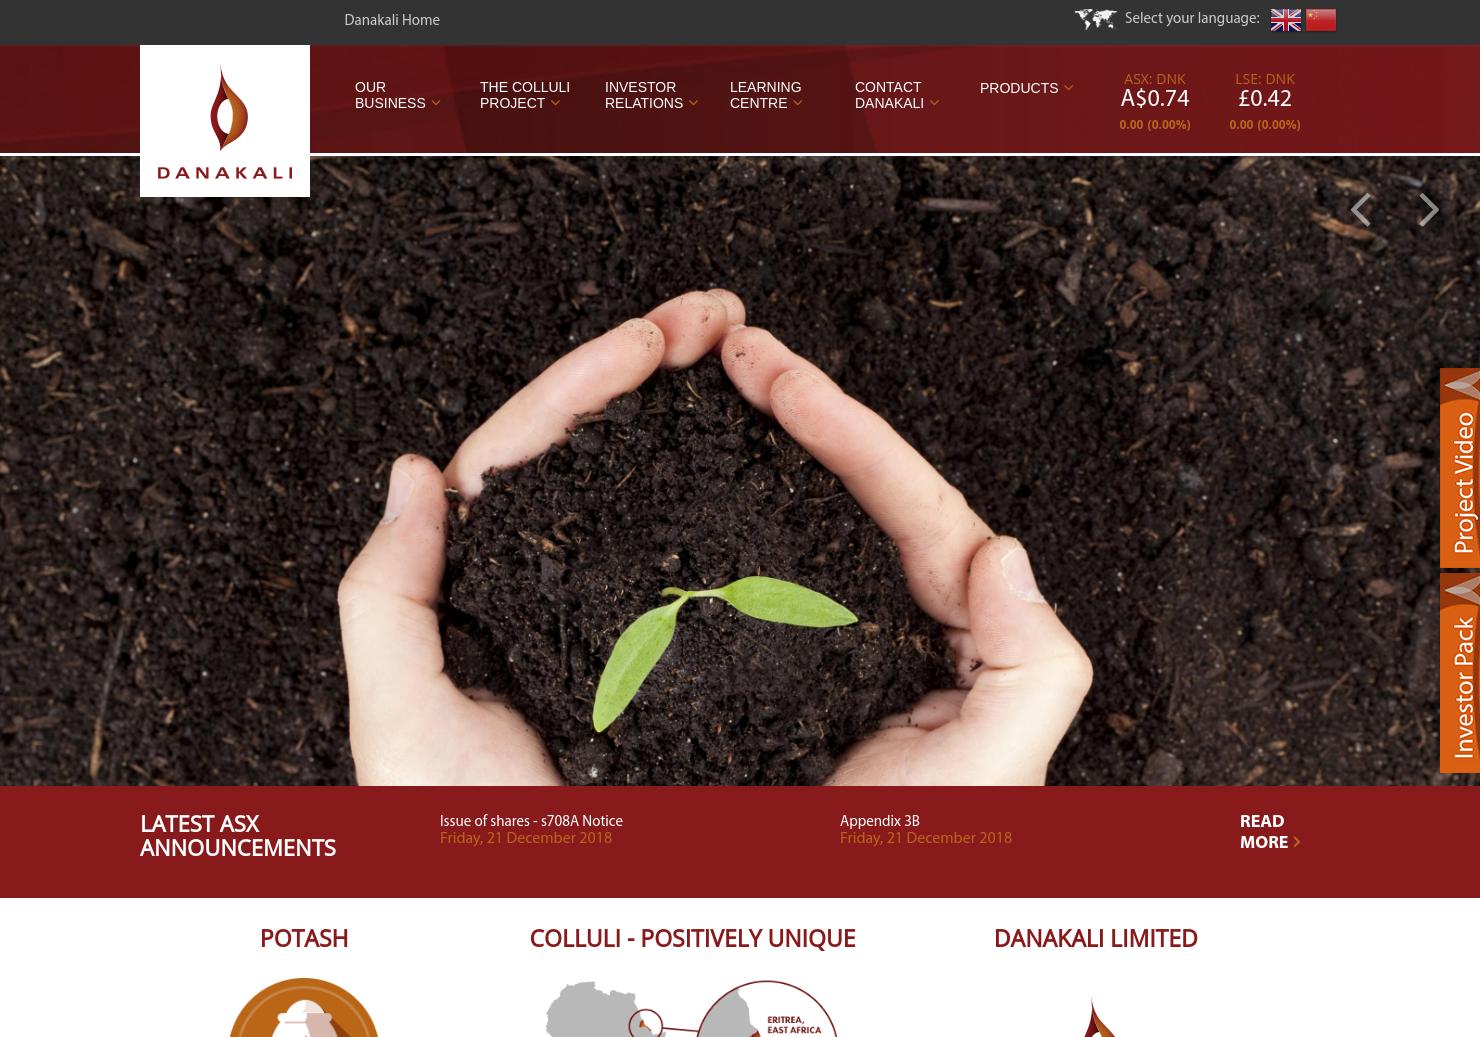 Danakali Home Page